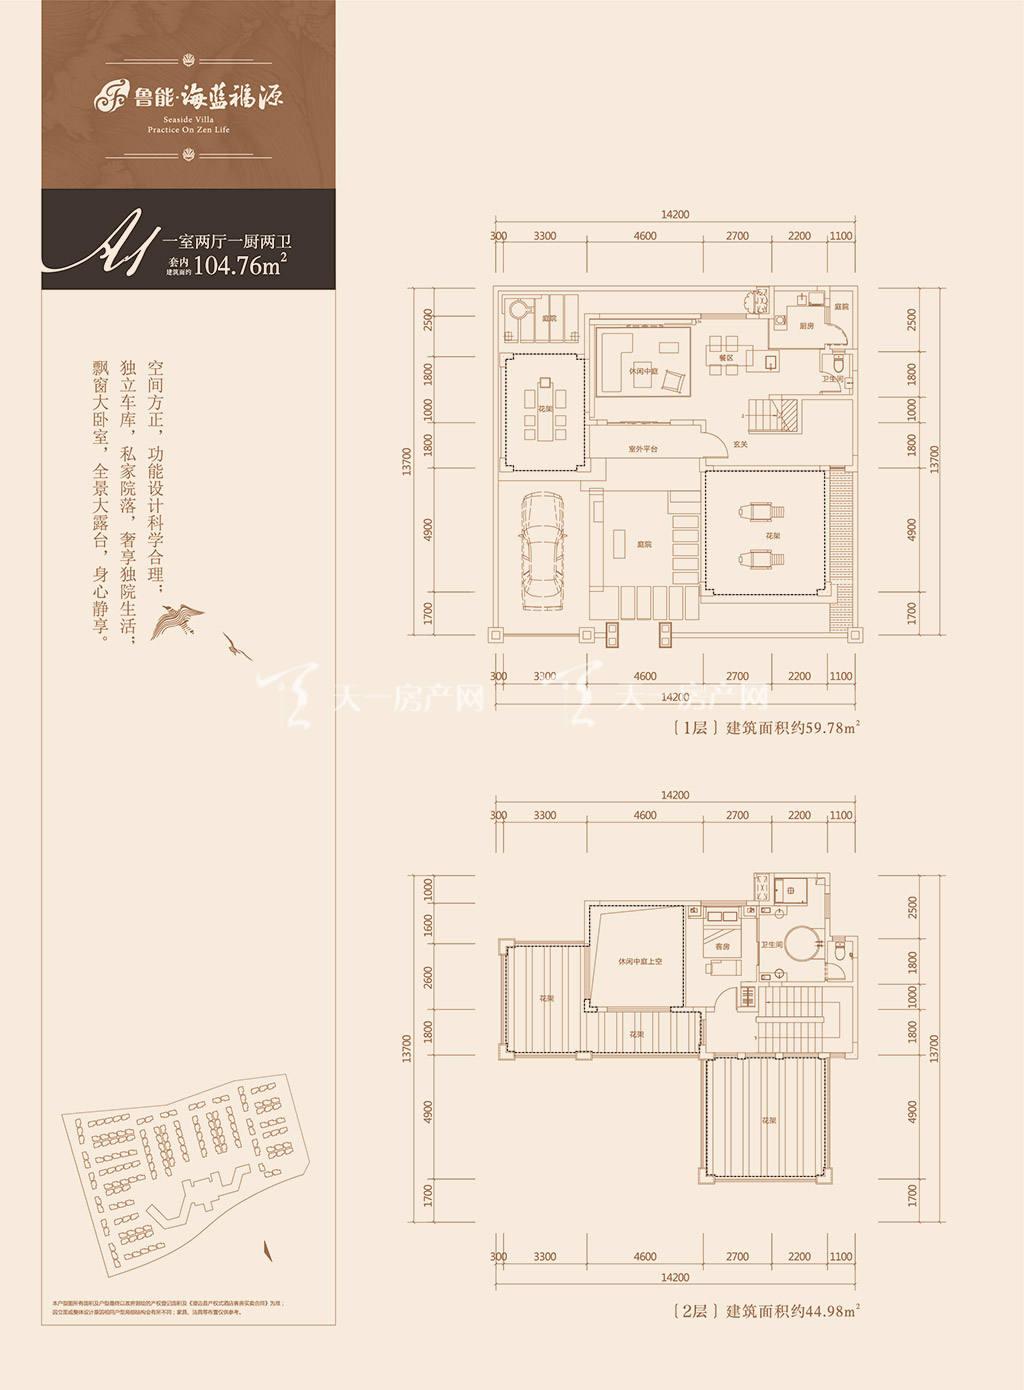 鲁能海蓝福源鲁能海蓝福源西区1房2厅1厨2卫建筑面积104.76㎡